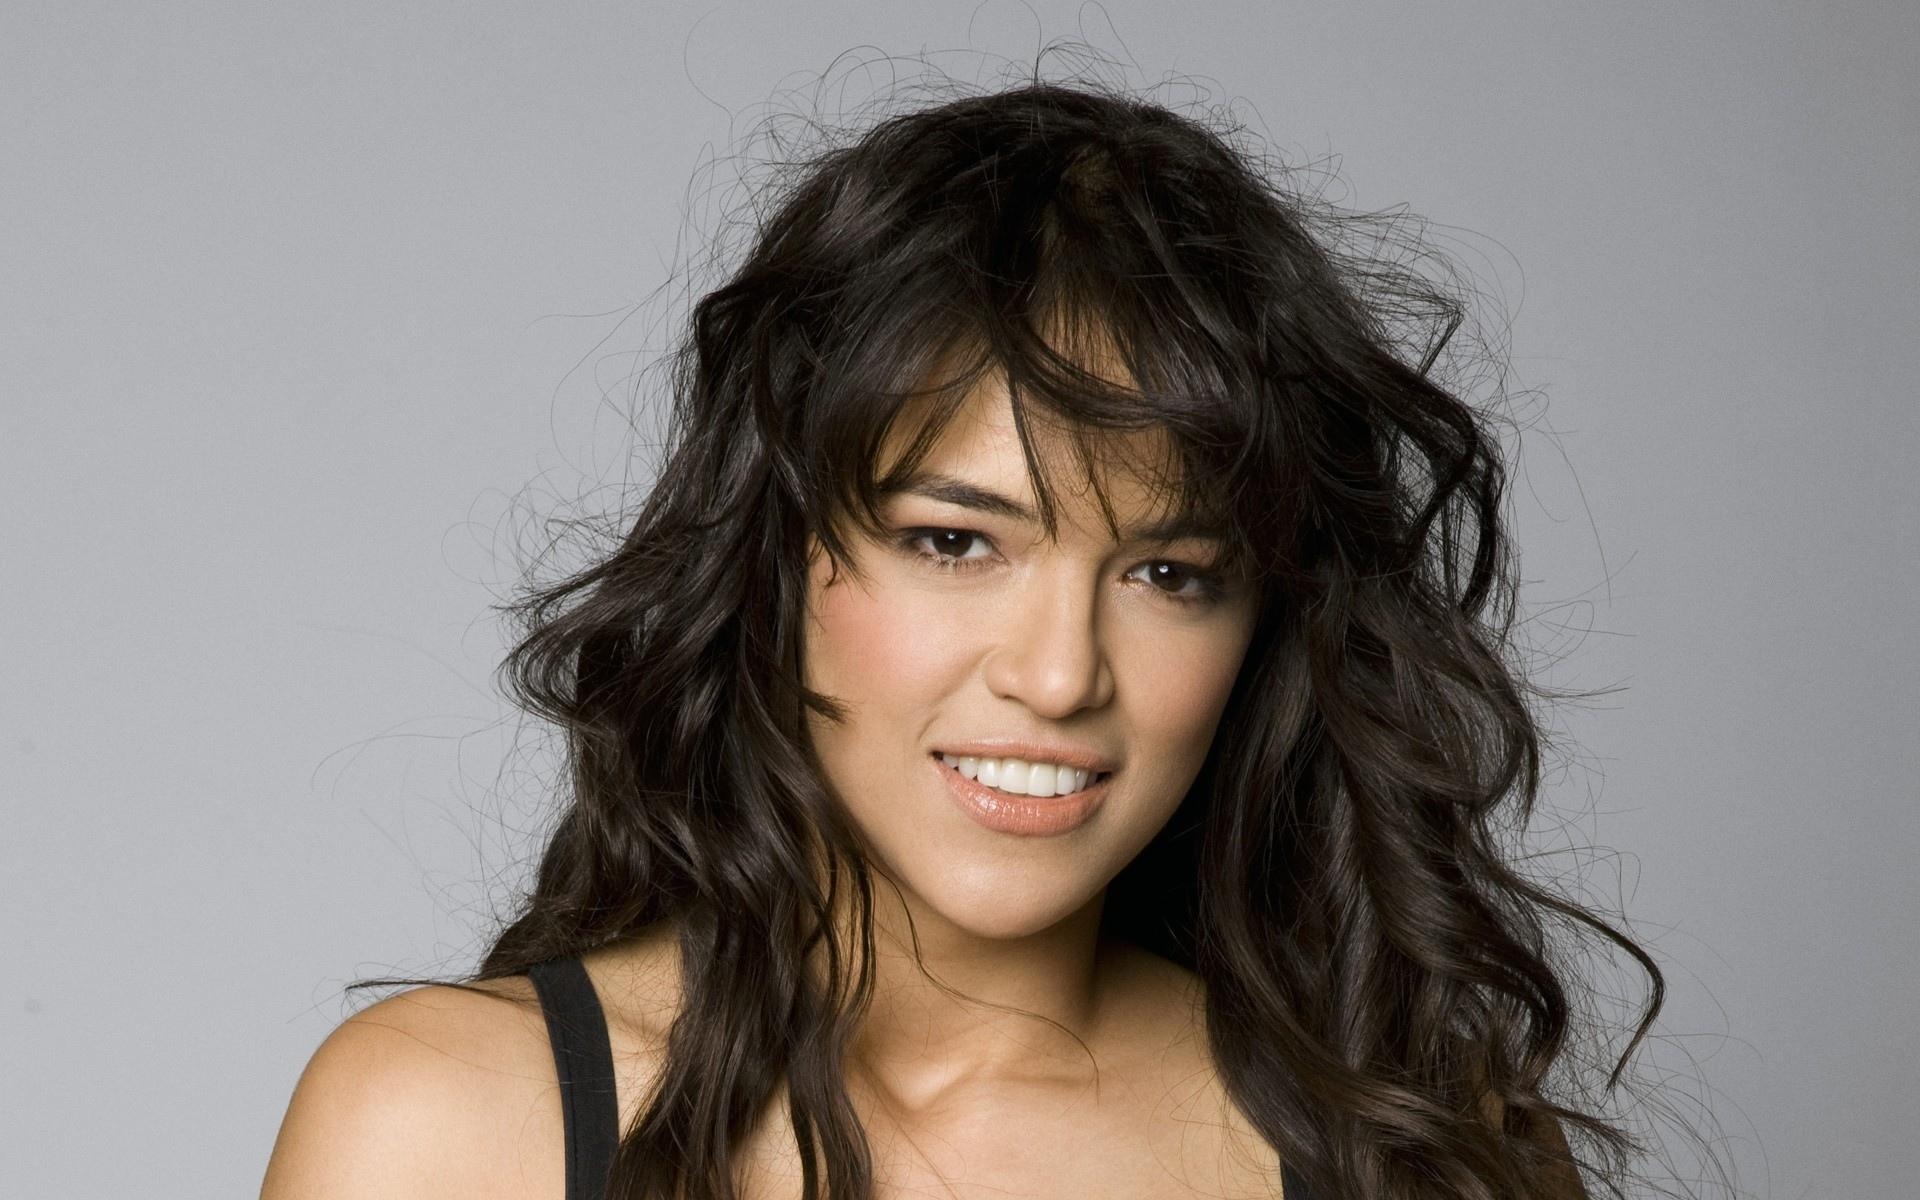 Michelle Rodriquez In Promo Still